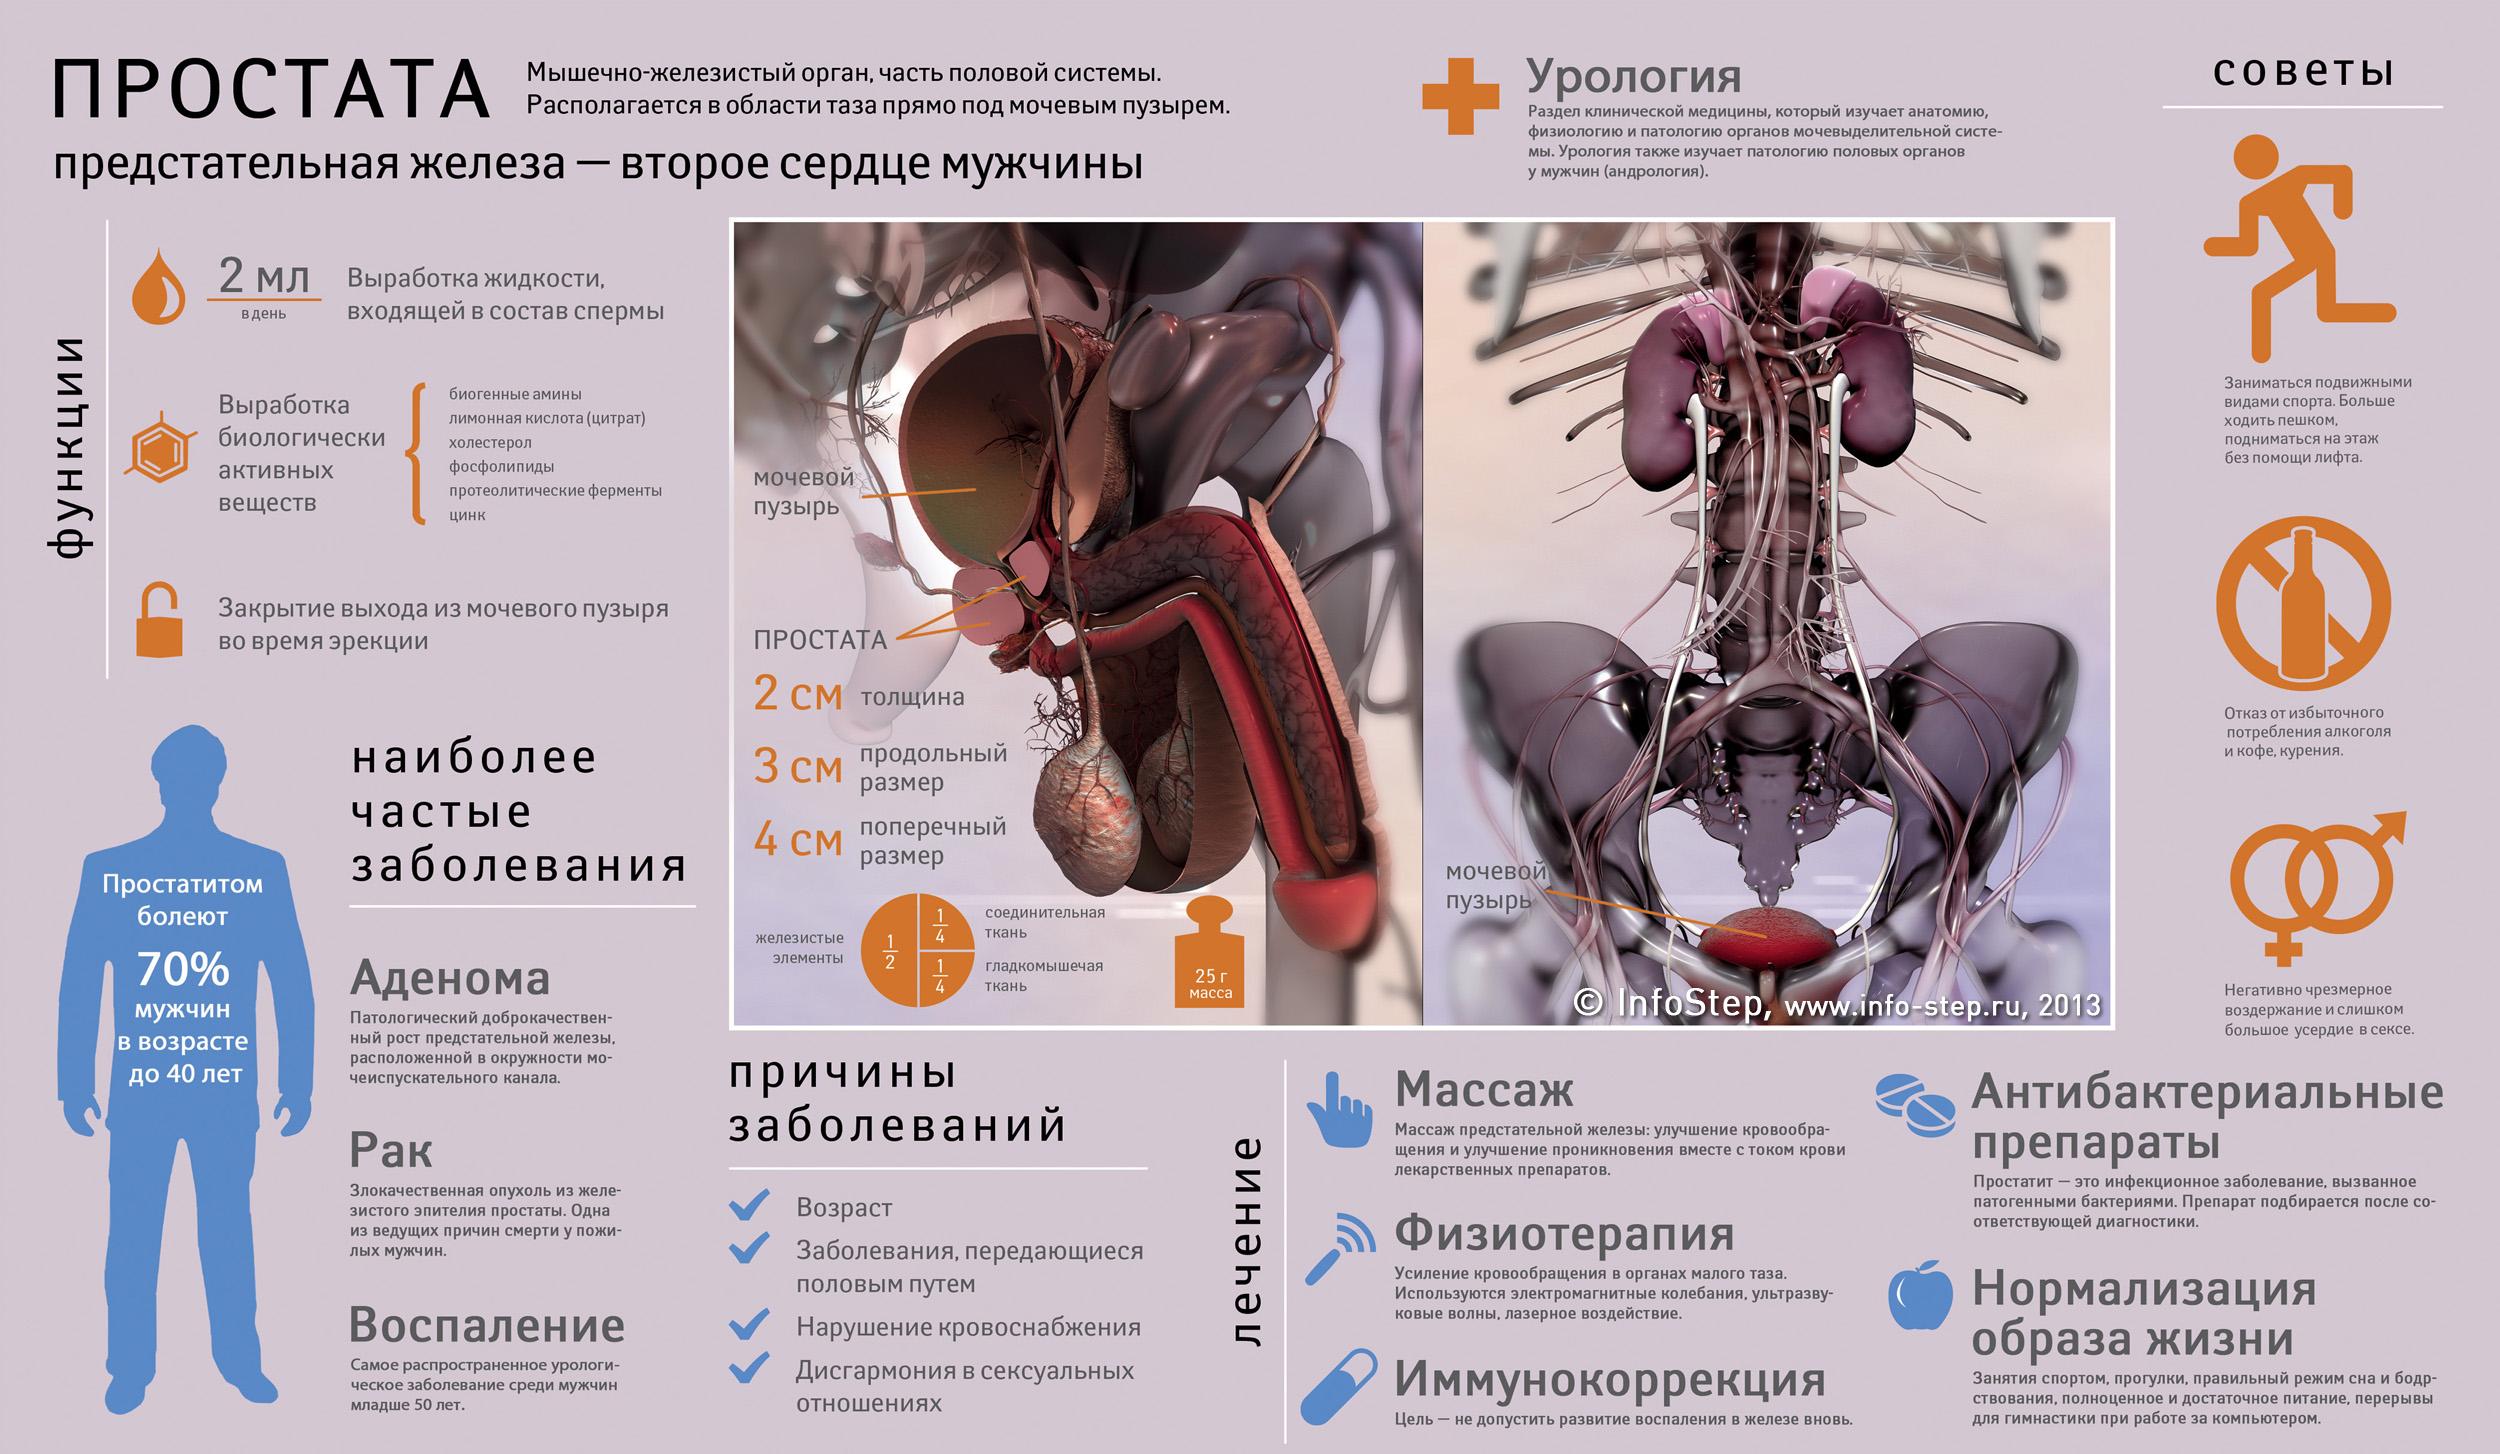 Хвороби передміхурової залози і їх симптоми